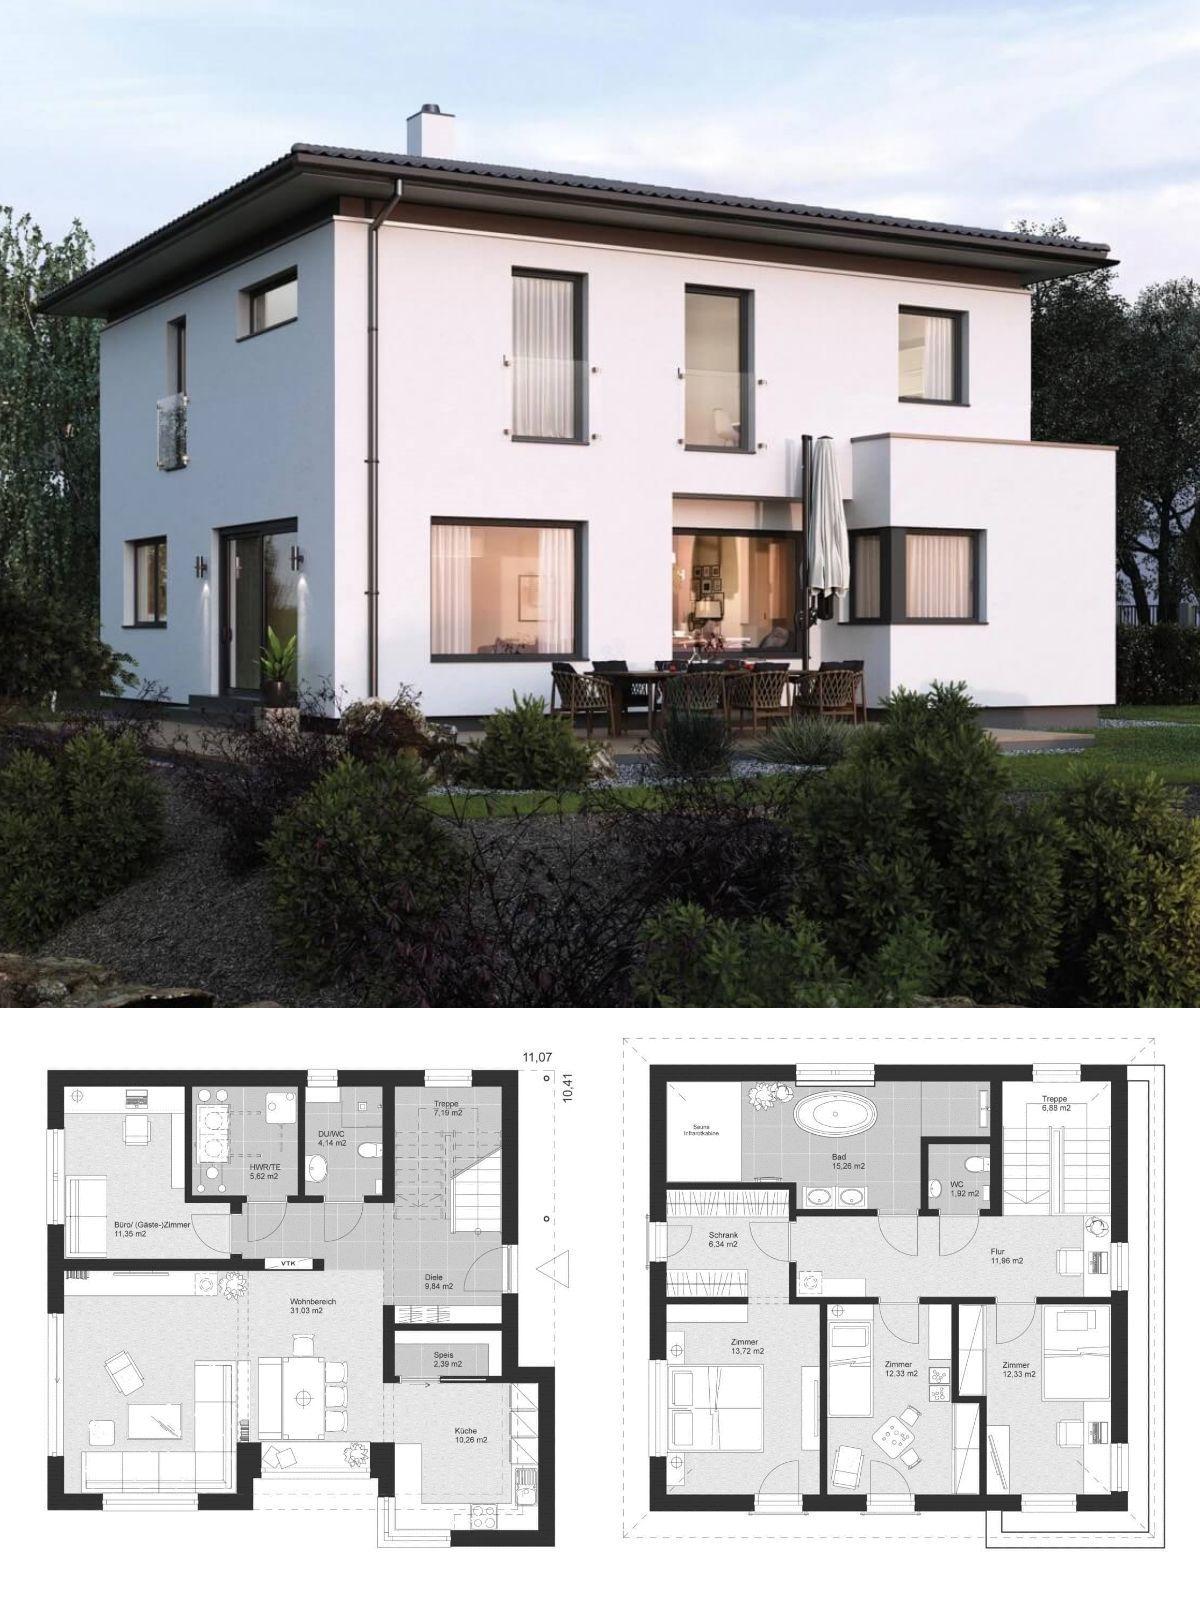 Minecraft Modernes Haus Bauplan Trendy Minecraft Ideas Google - Minecraft hauser modern bauplan